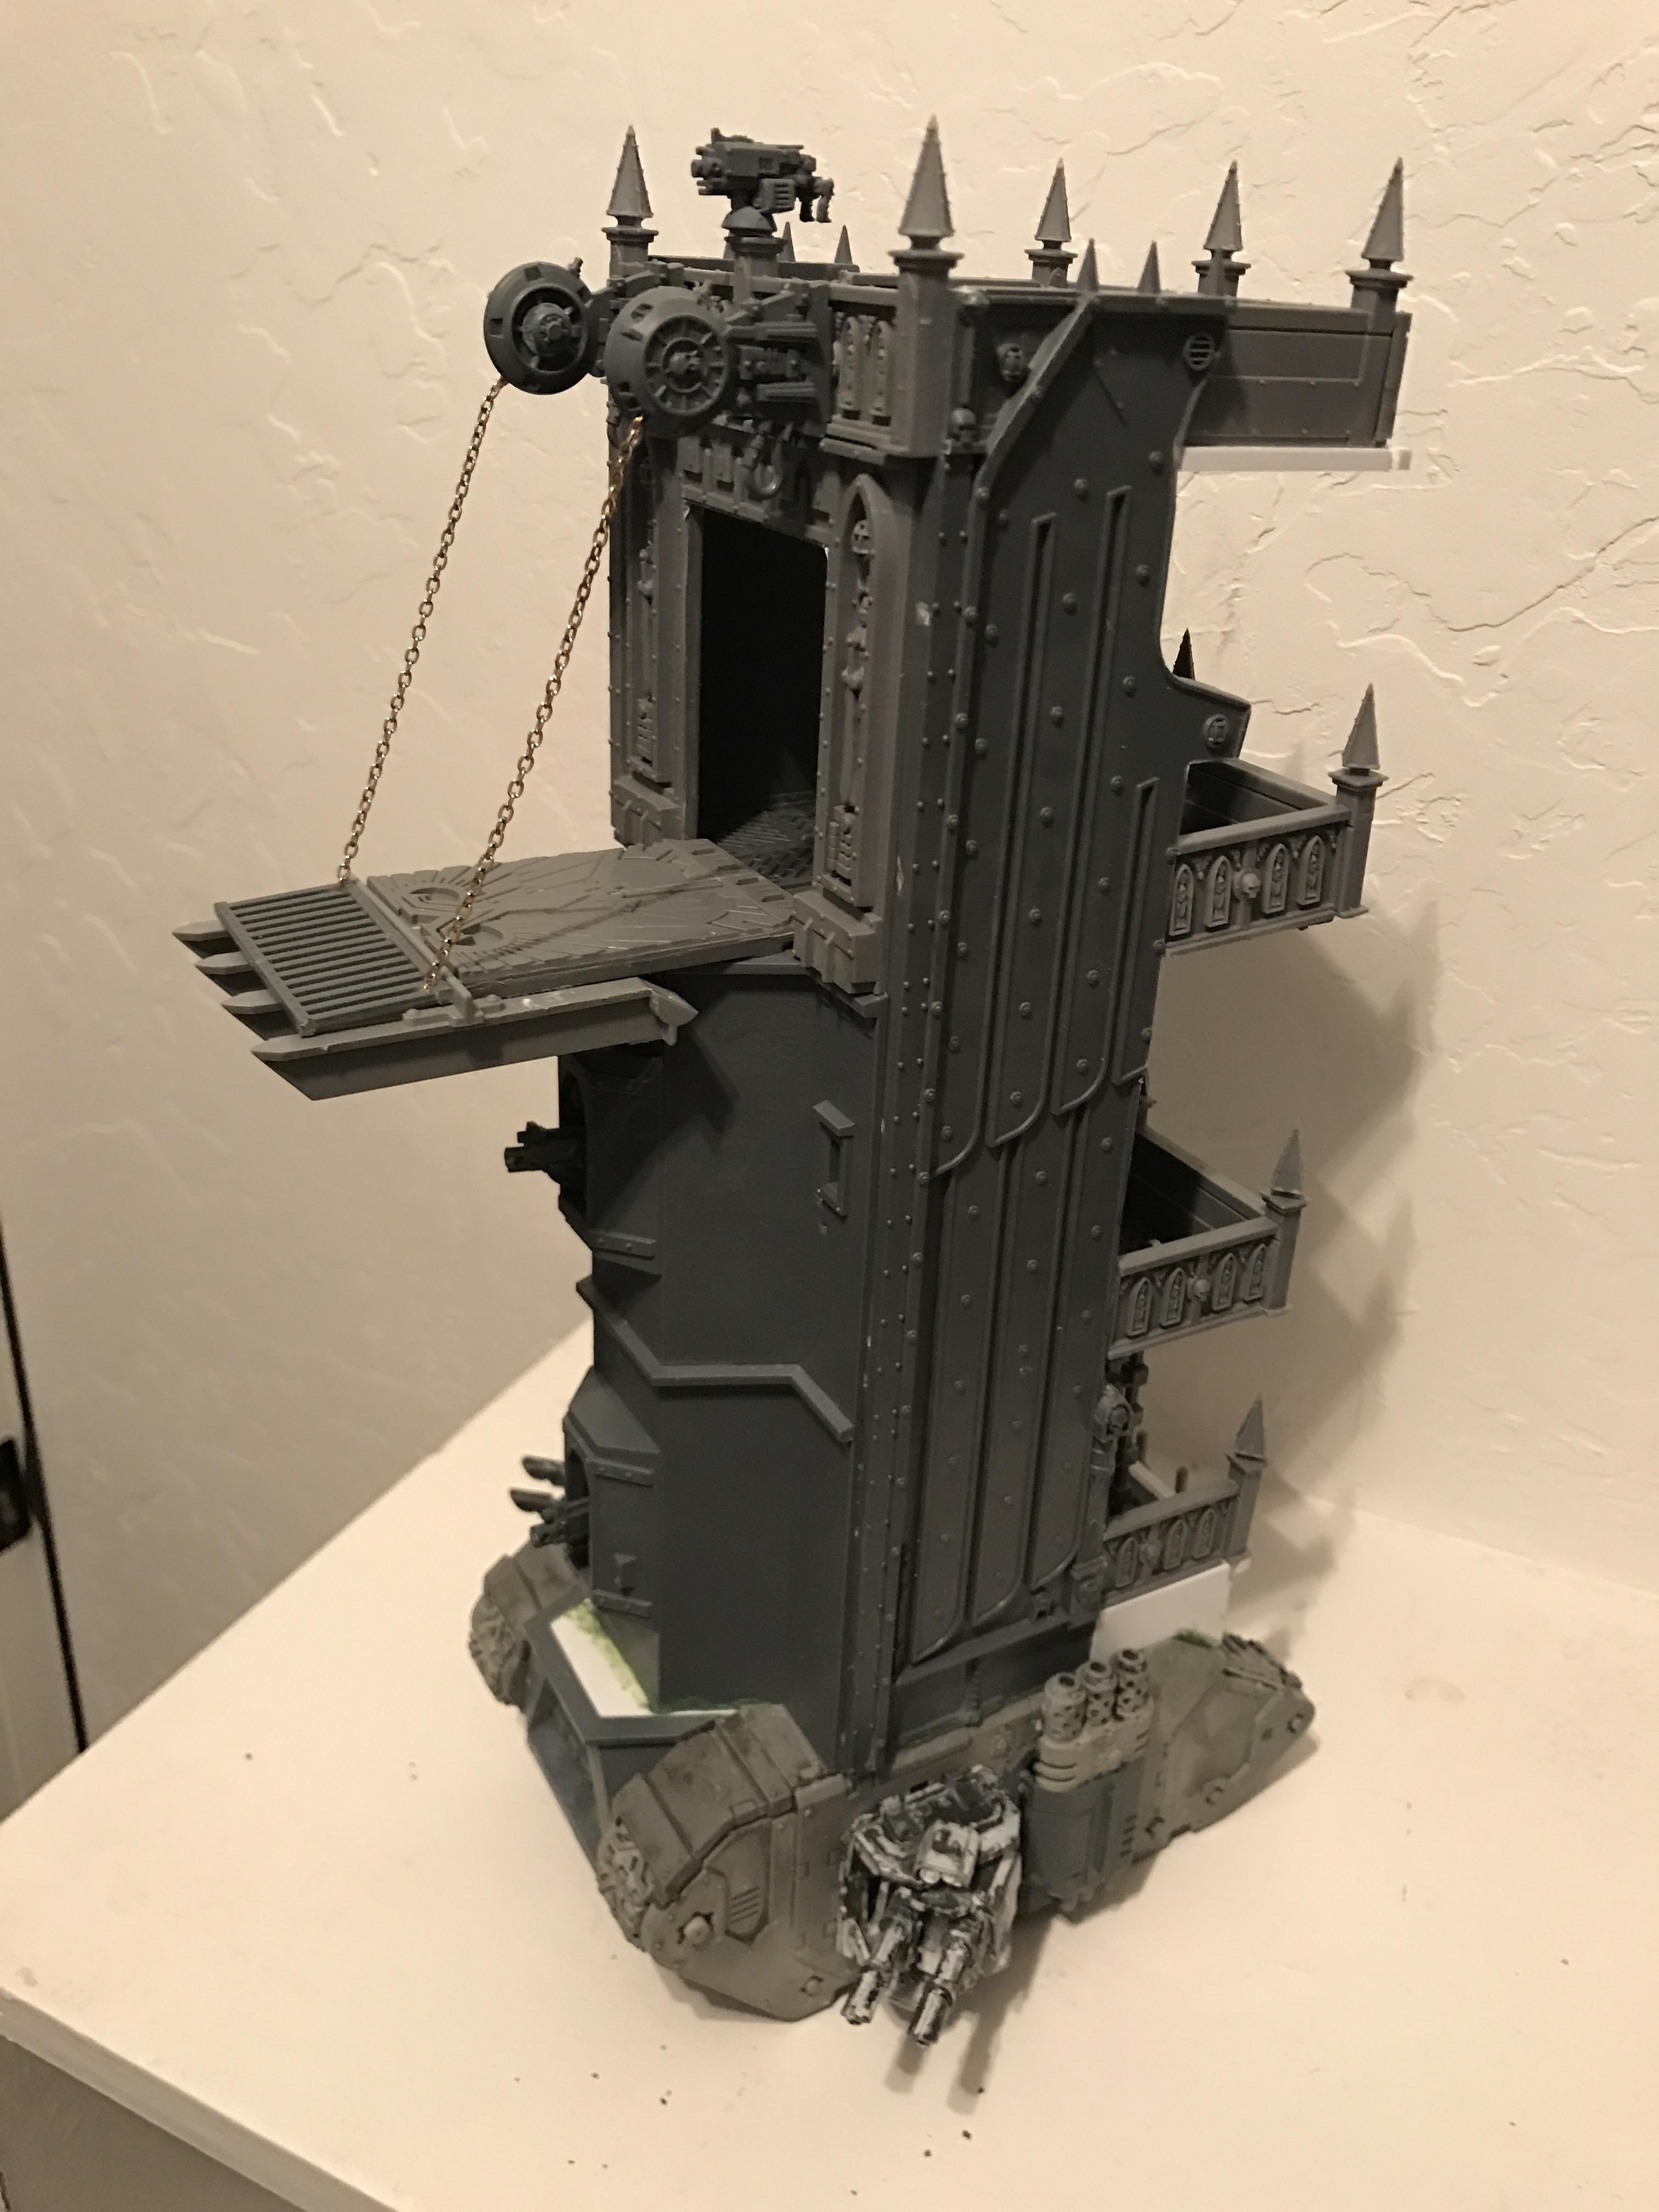 Land Raider, Siege Tower